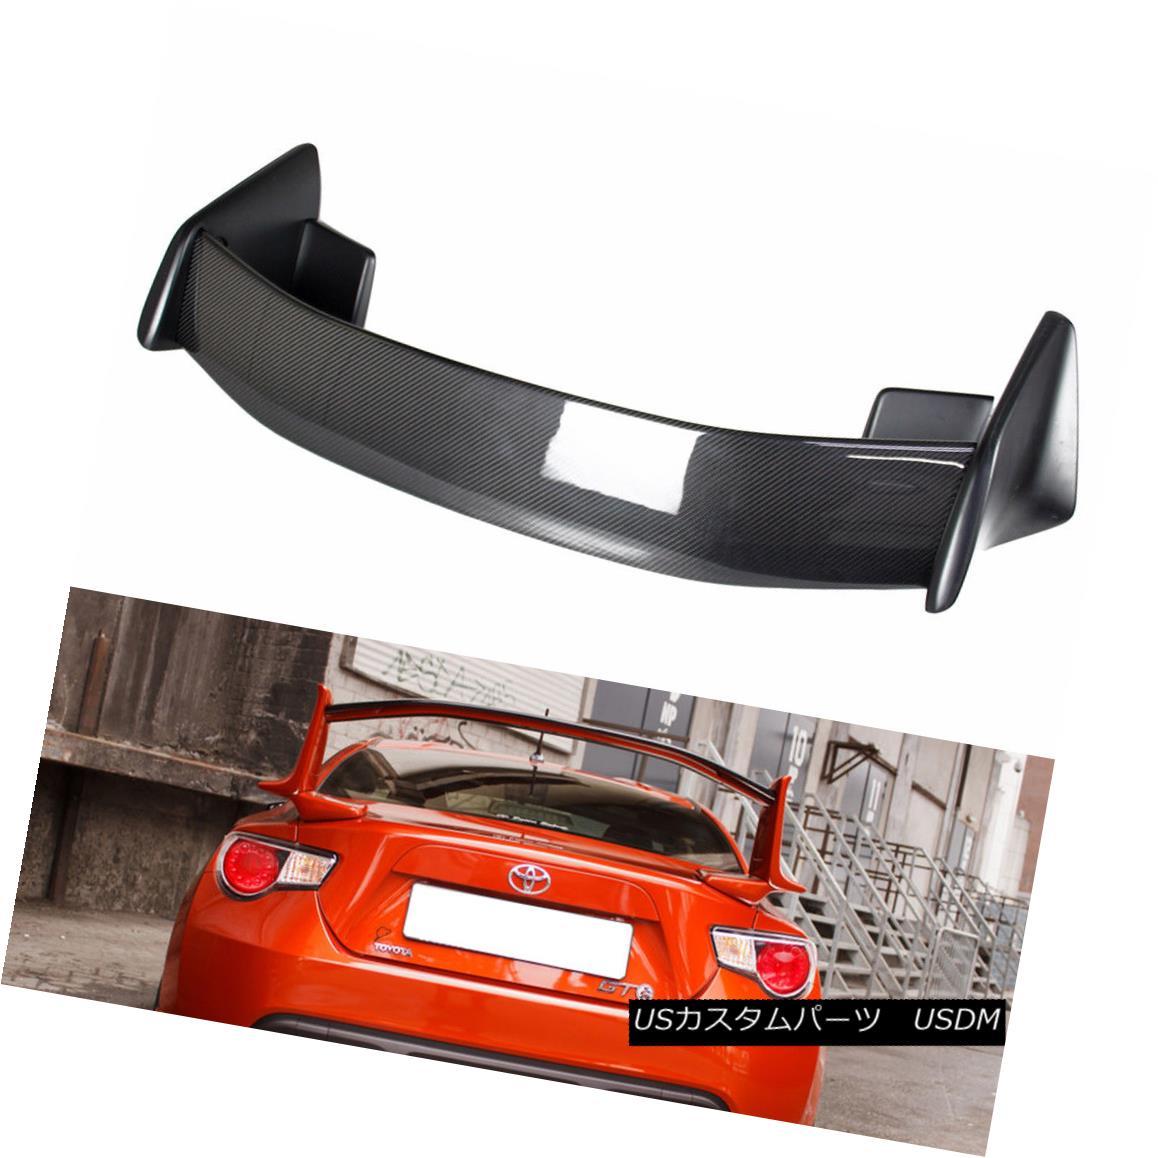 エアロパーツ Unpaint SUBARU Sport + Carbon BRZ For TOYOTA GT86 86 SUBARU BRS SCION FRS Nur Trunk Spoiler Sport 未塗装カーボン+トヨタGT86 86 SUBARU BRZ SCION FRS Nurトランクスポイラースポーツ, Saks WebShop:8bb30e5c --- officewill.xsrv.jp